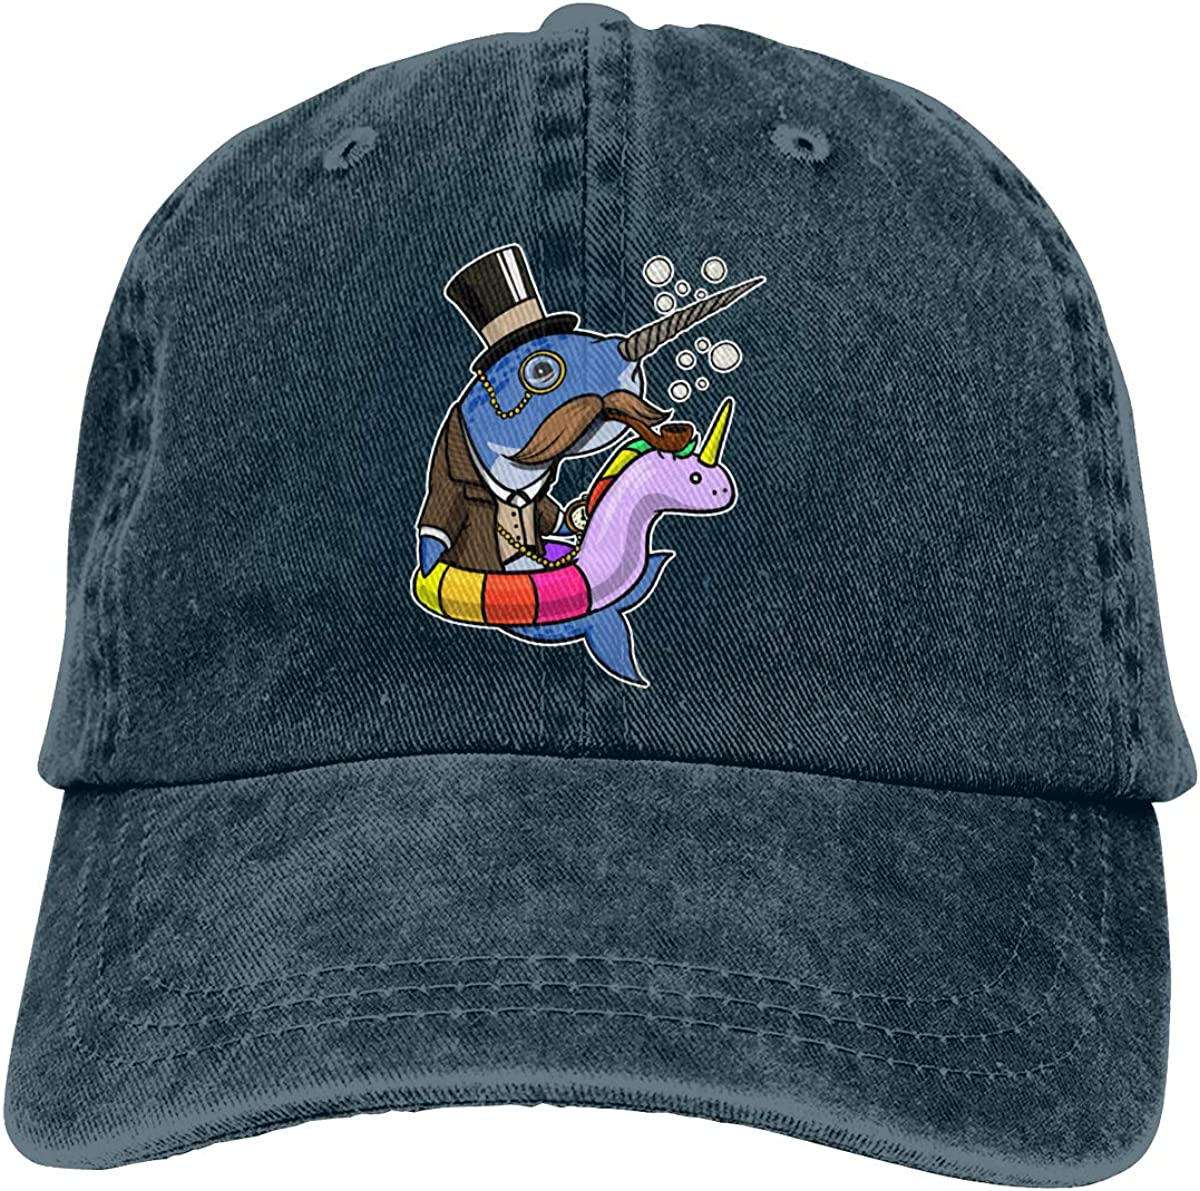 Unisex Funny Unicorn Goldfish Vintage Washed Dad Hat Funny Adjustable Baseball Cap